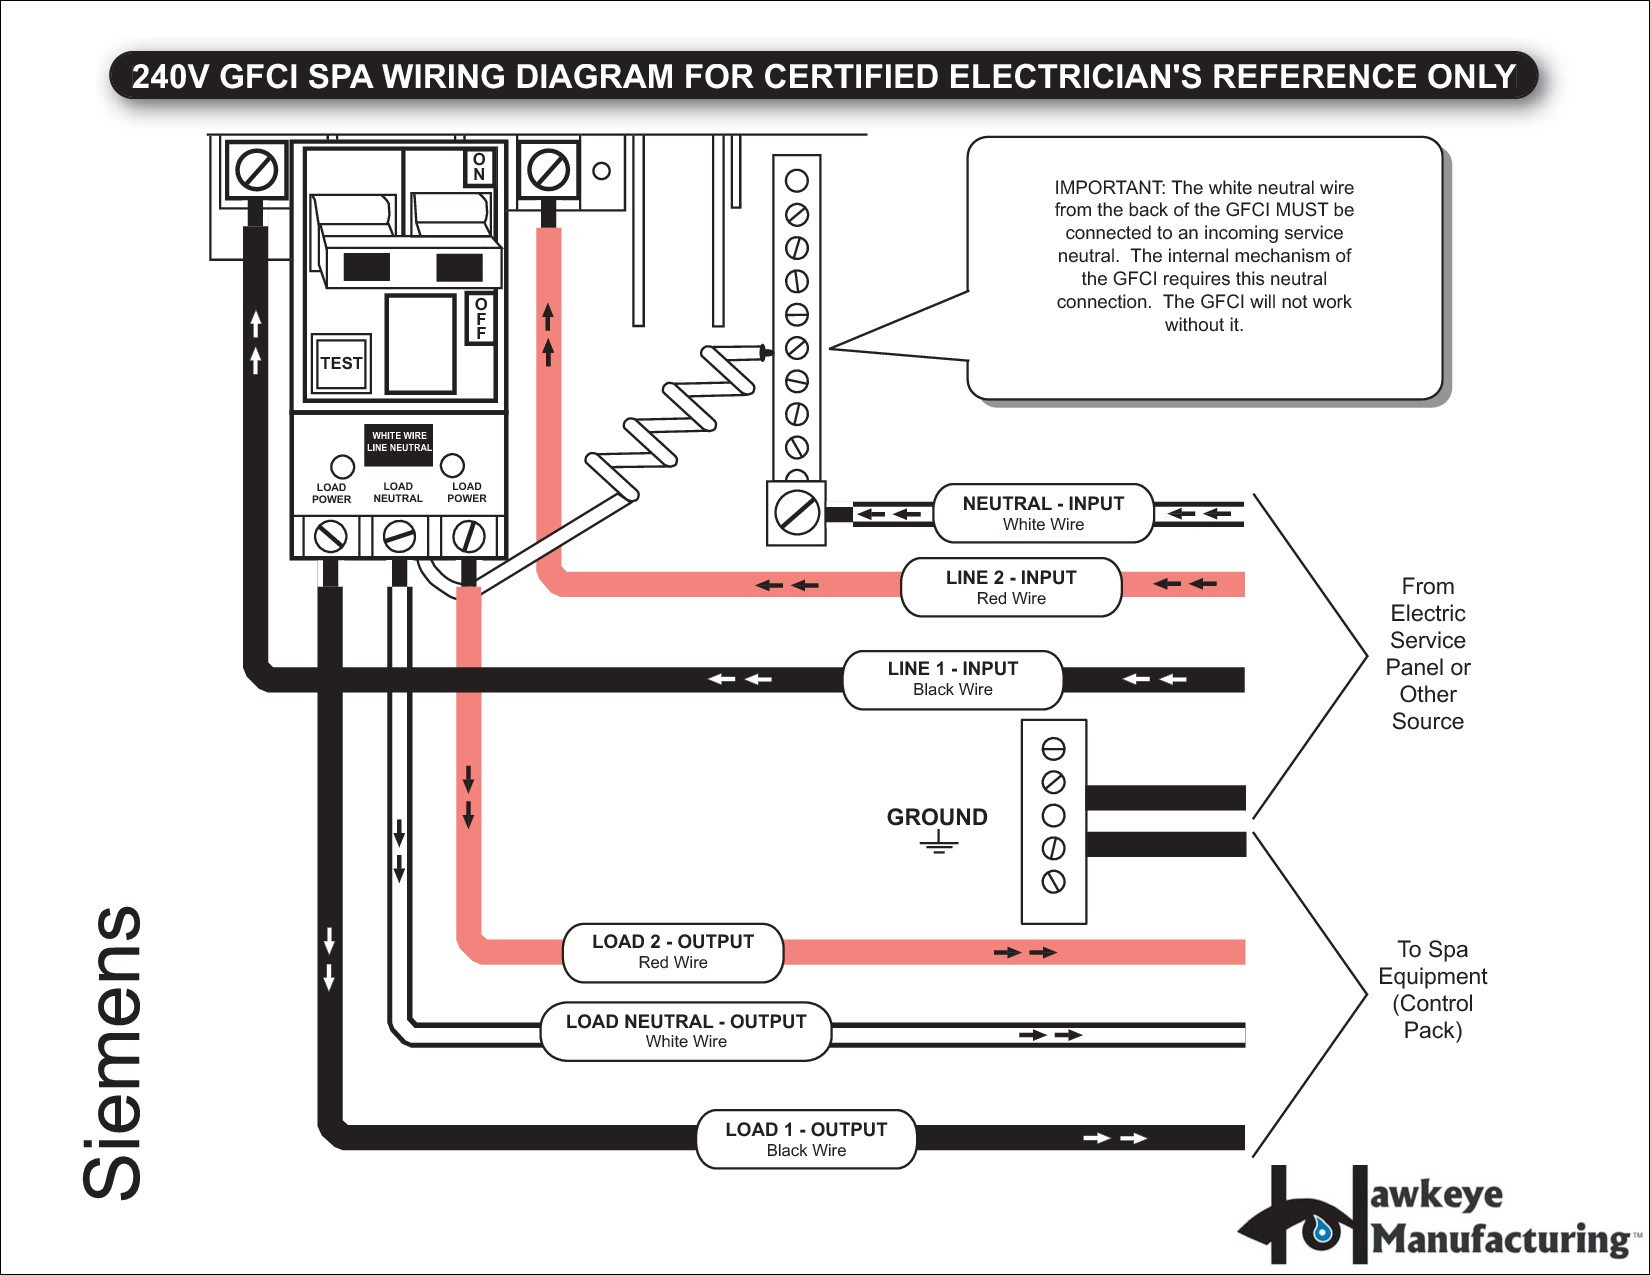 square d gfci wiring diagram roketa 150cc scooter breaker gallery